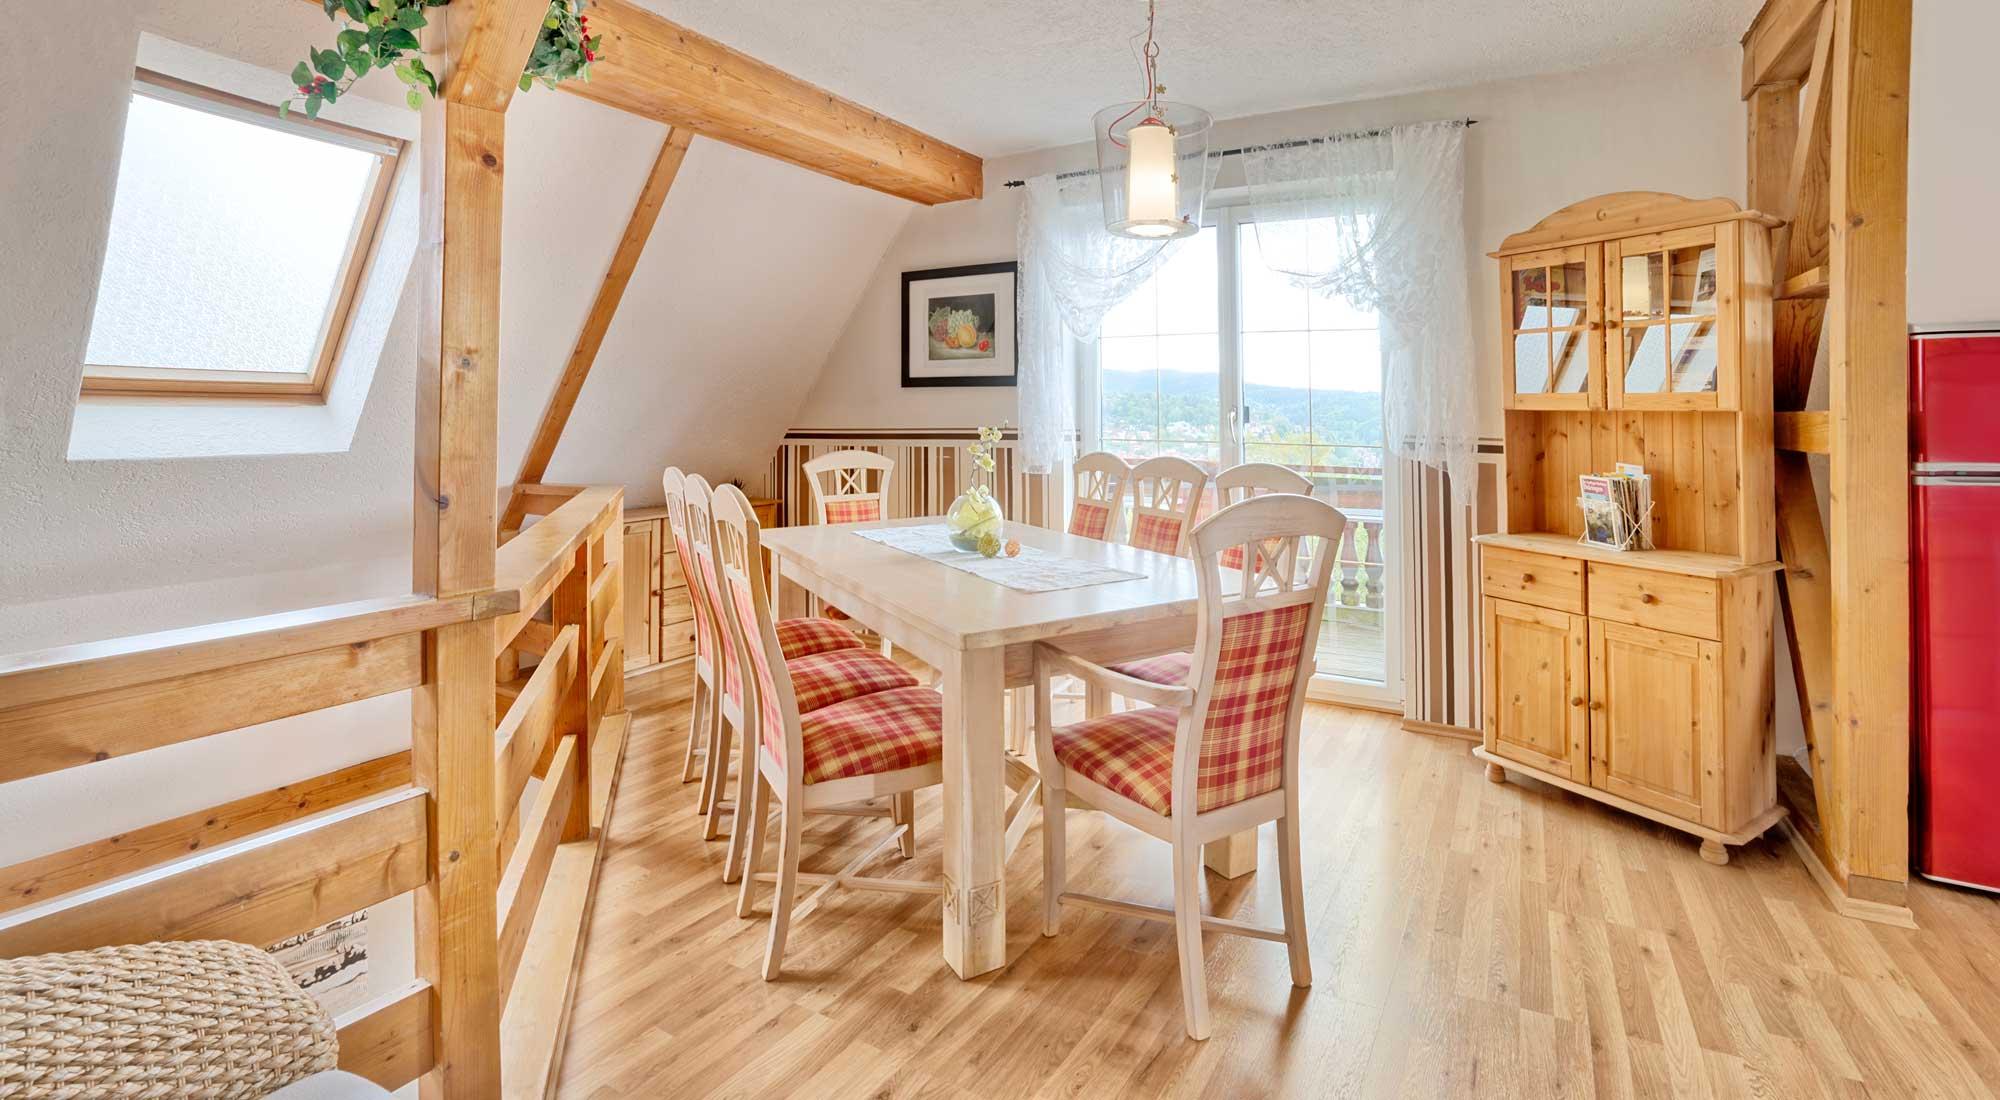 Esszimmer mit Esstisch im Ferienhaus Schöne Aussicht von Gabi Moritz